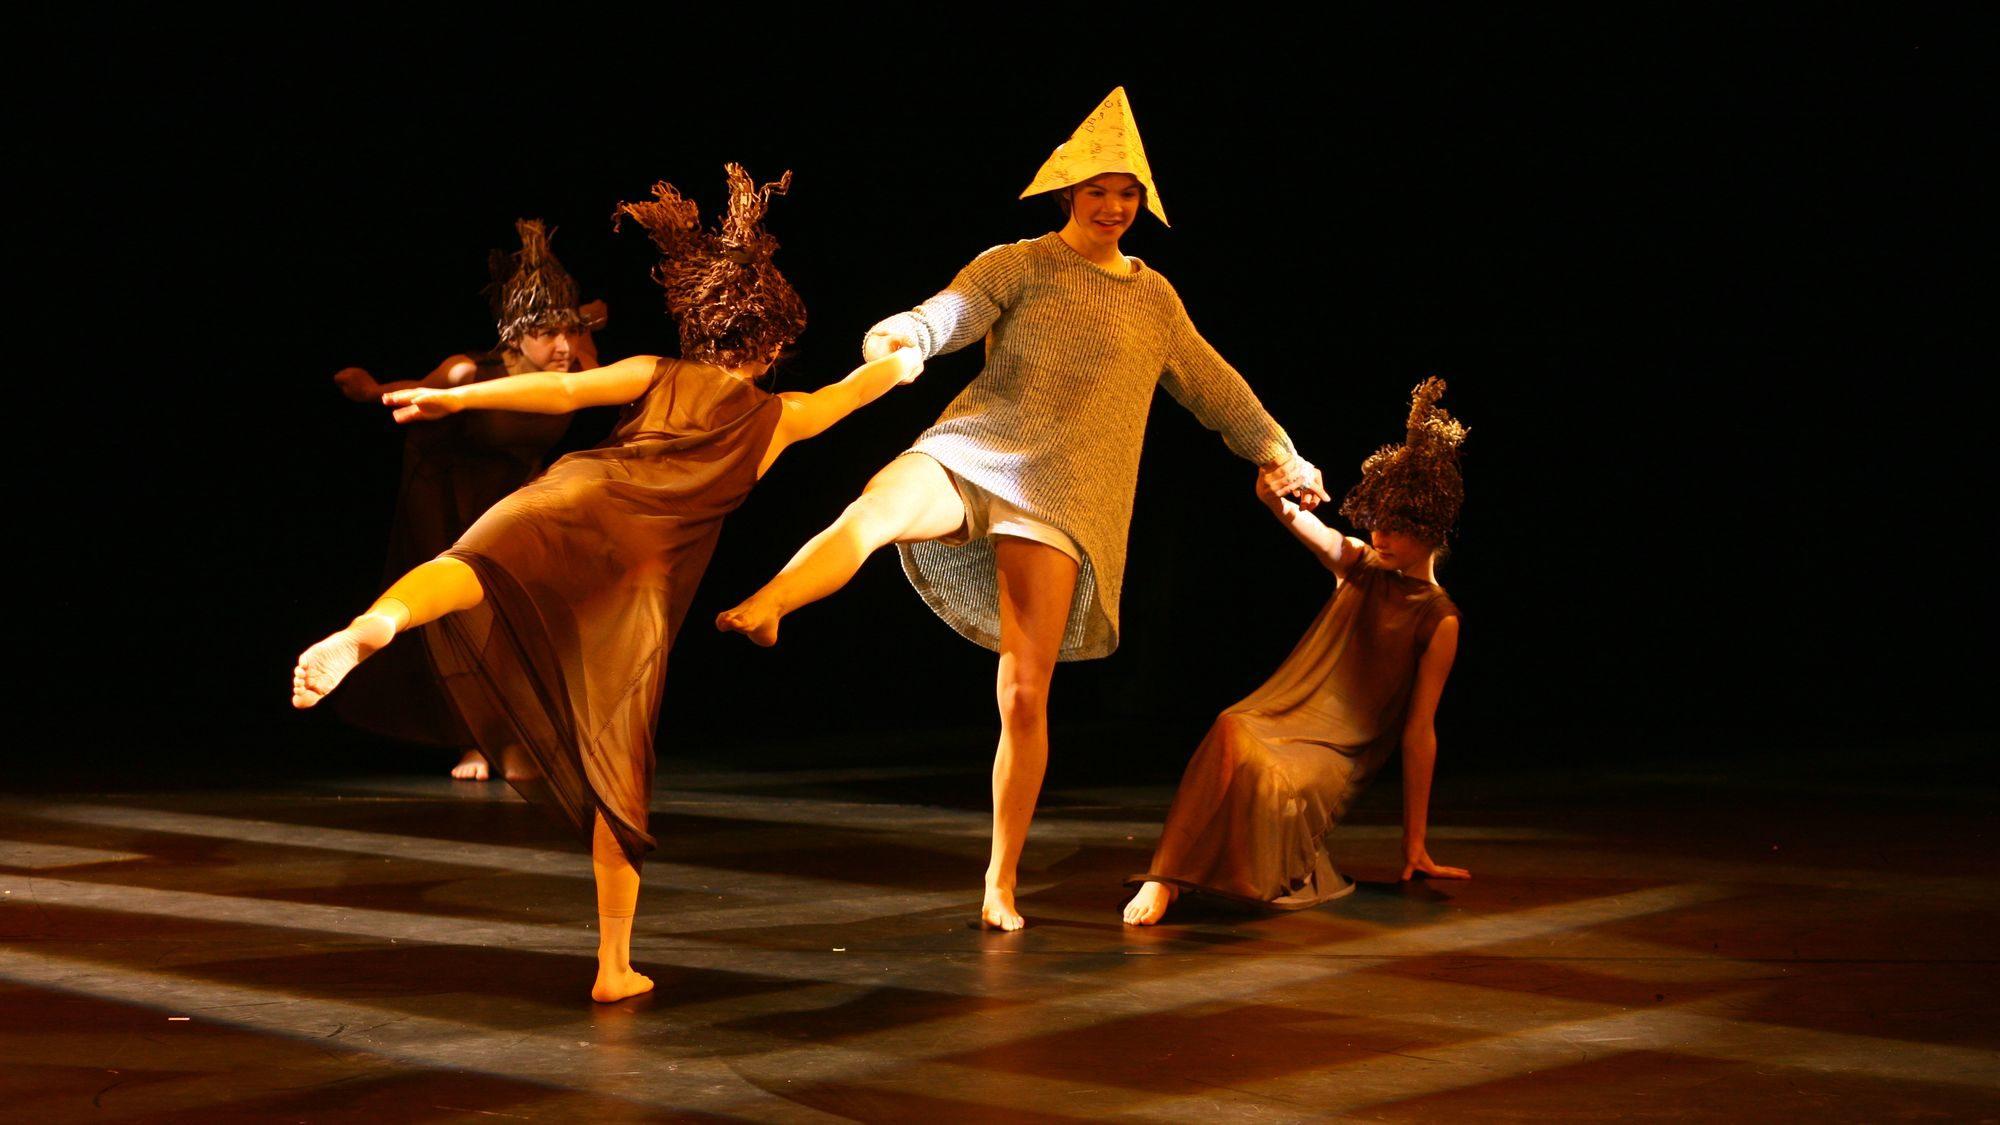 Der kleine Prinz tanzt, Szenenbild aus der Premiere